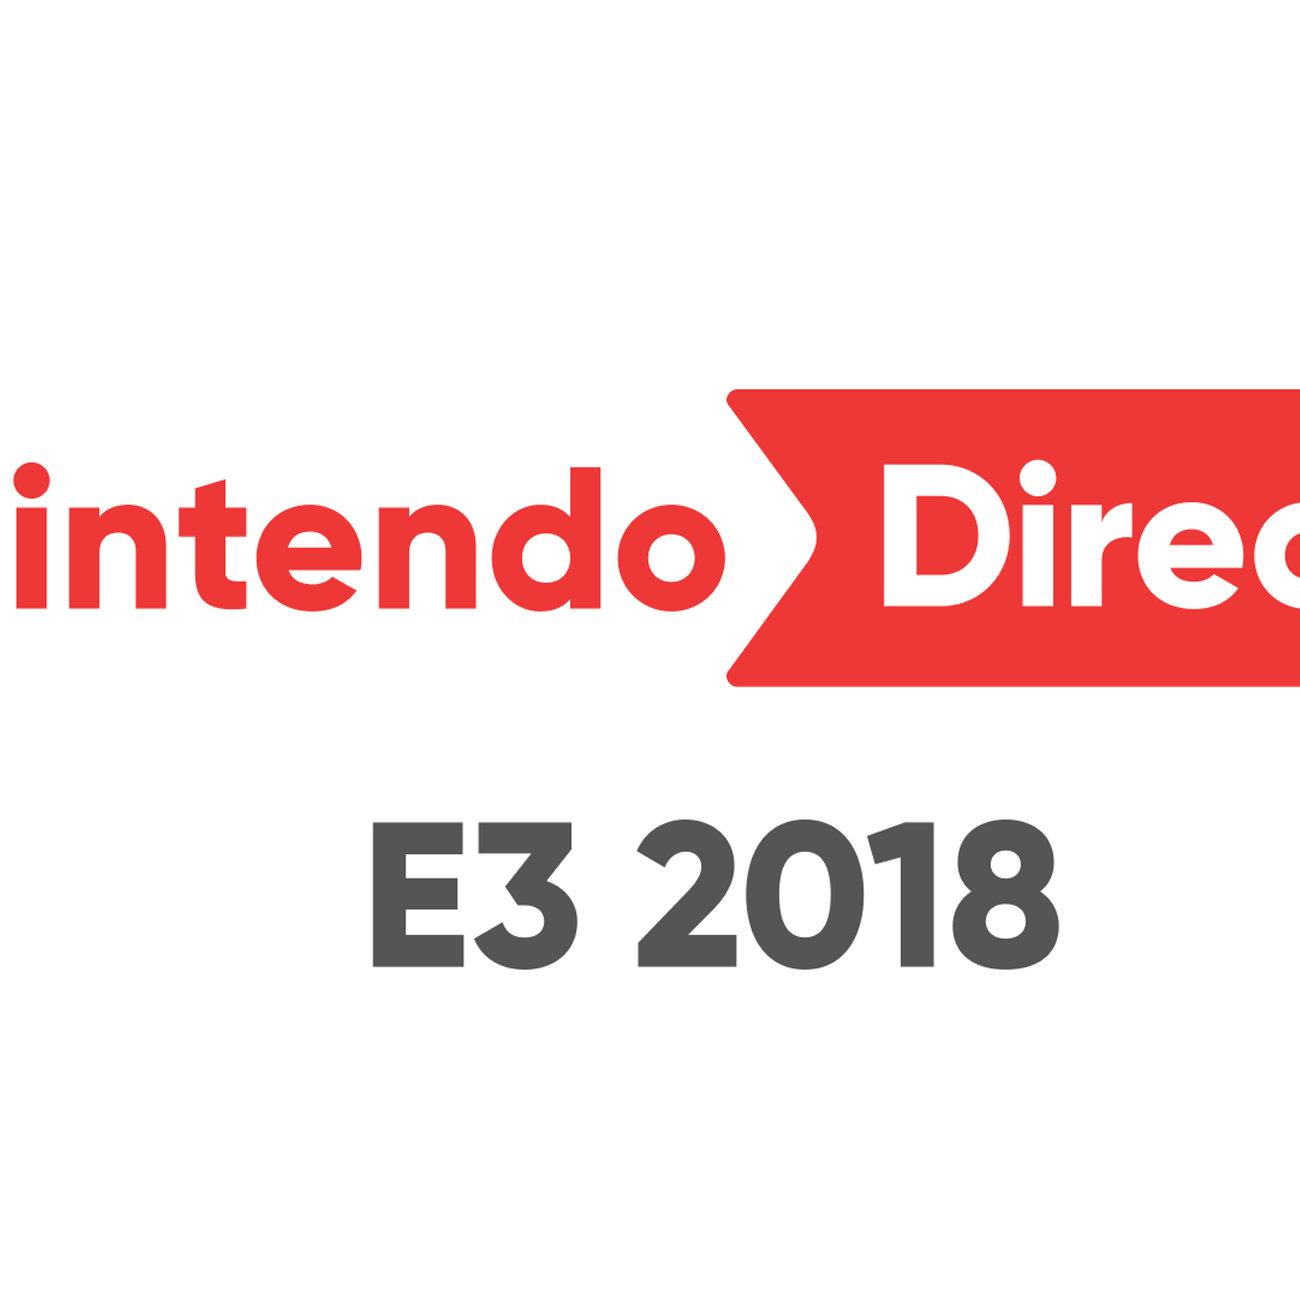 ニンテンドーダイレクト、E3 2018の放送。普通の名前